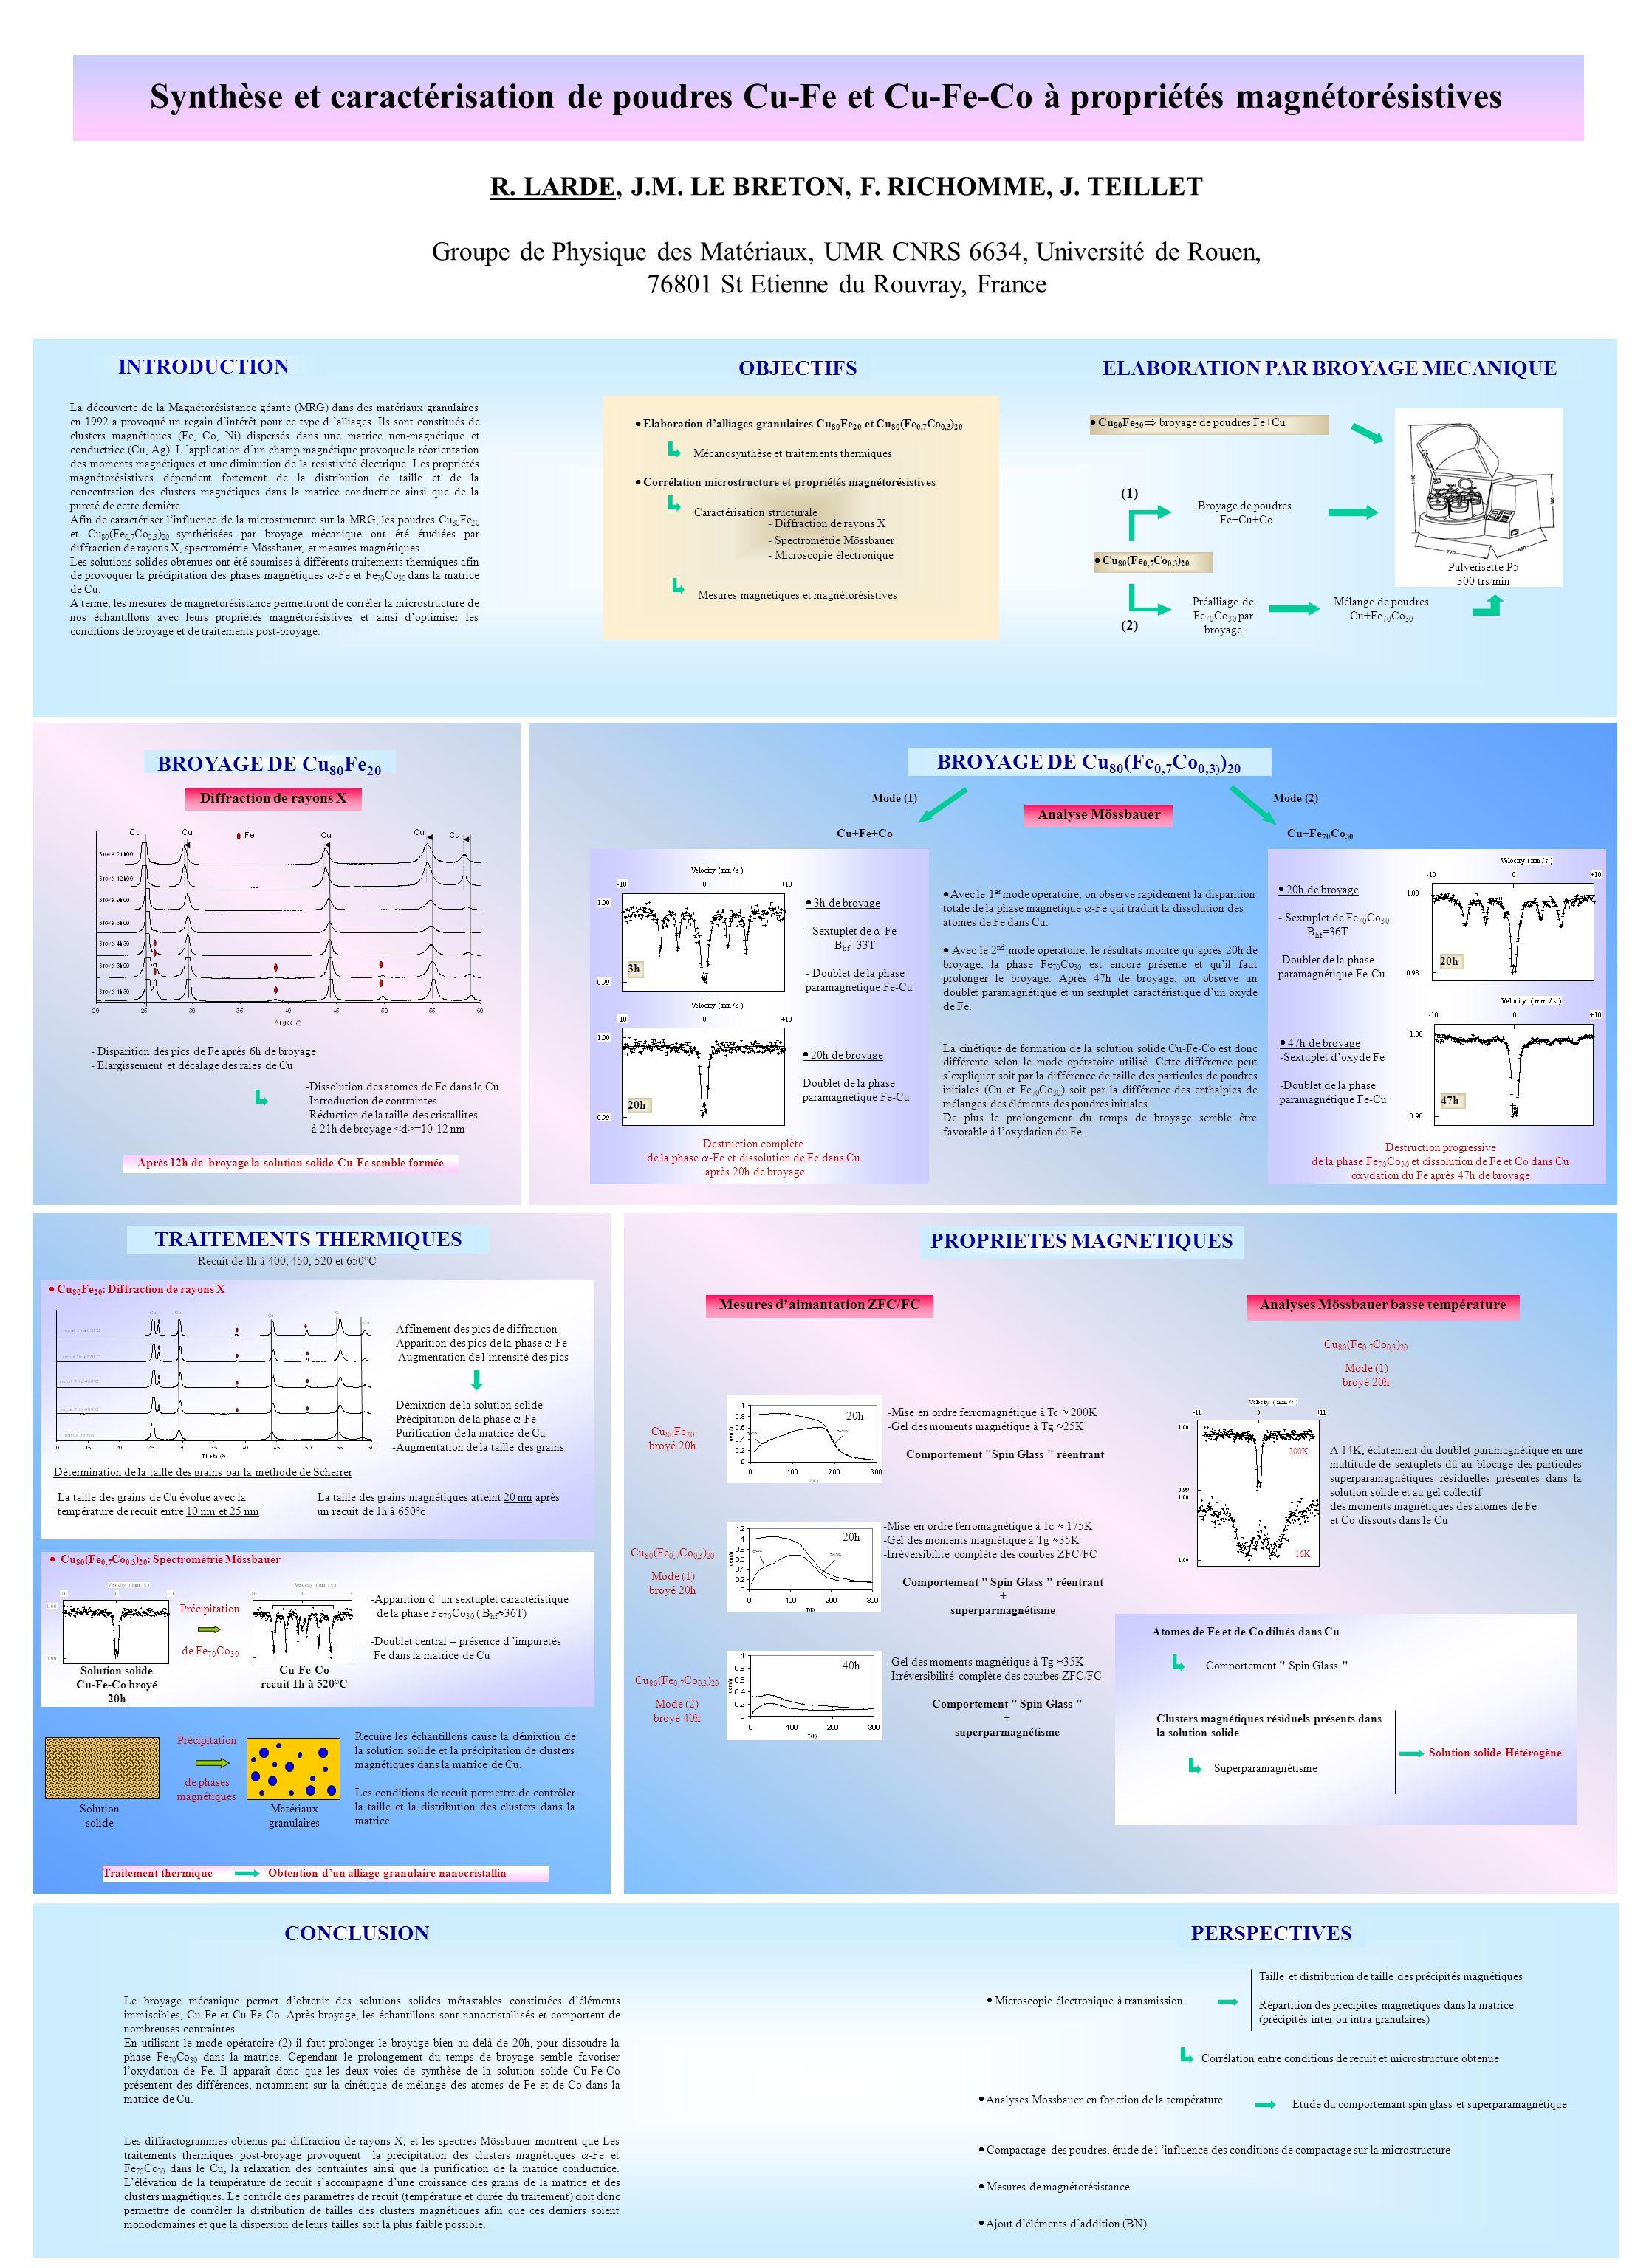 Synthèse et caractérisation de poudres Cu-Fe et Cu-Fe-Co à propriétés magnétorésistives